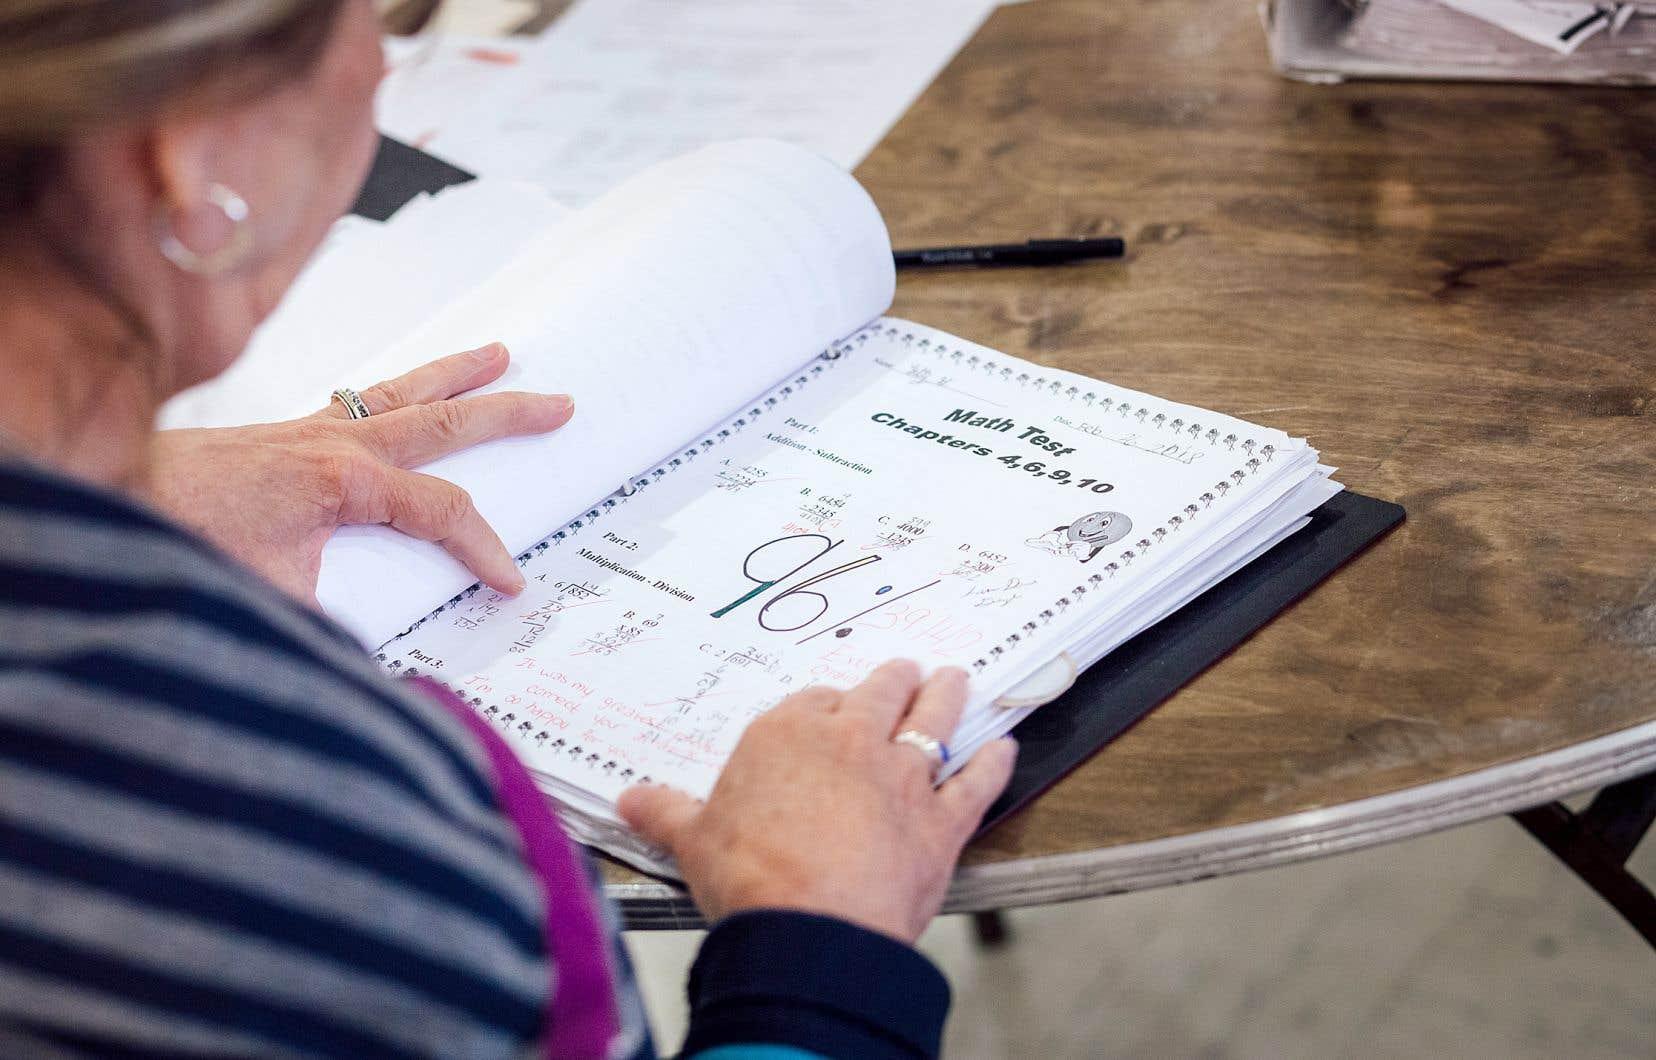 L'évaluation des compétences développées par les enfants scolarisés à la maison semble rencontrer des problèmes.